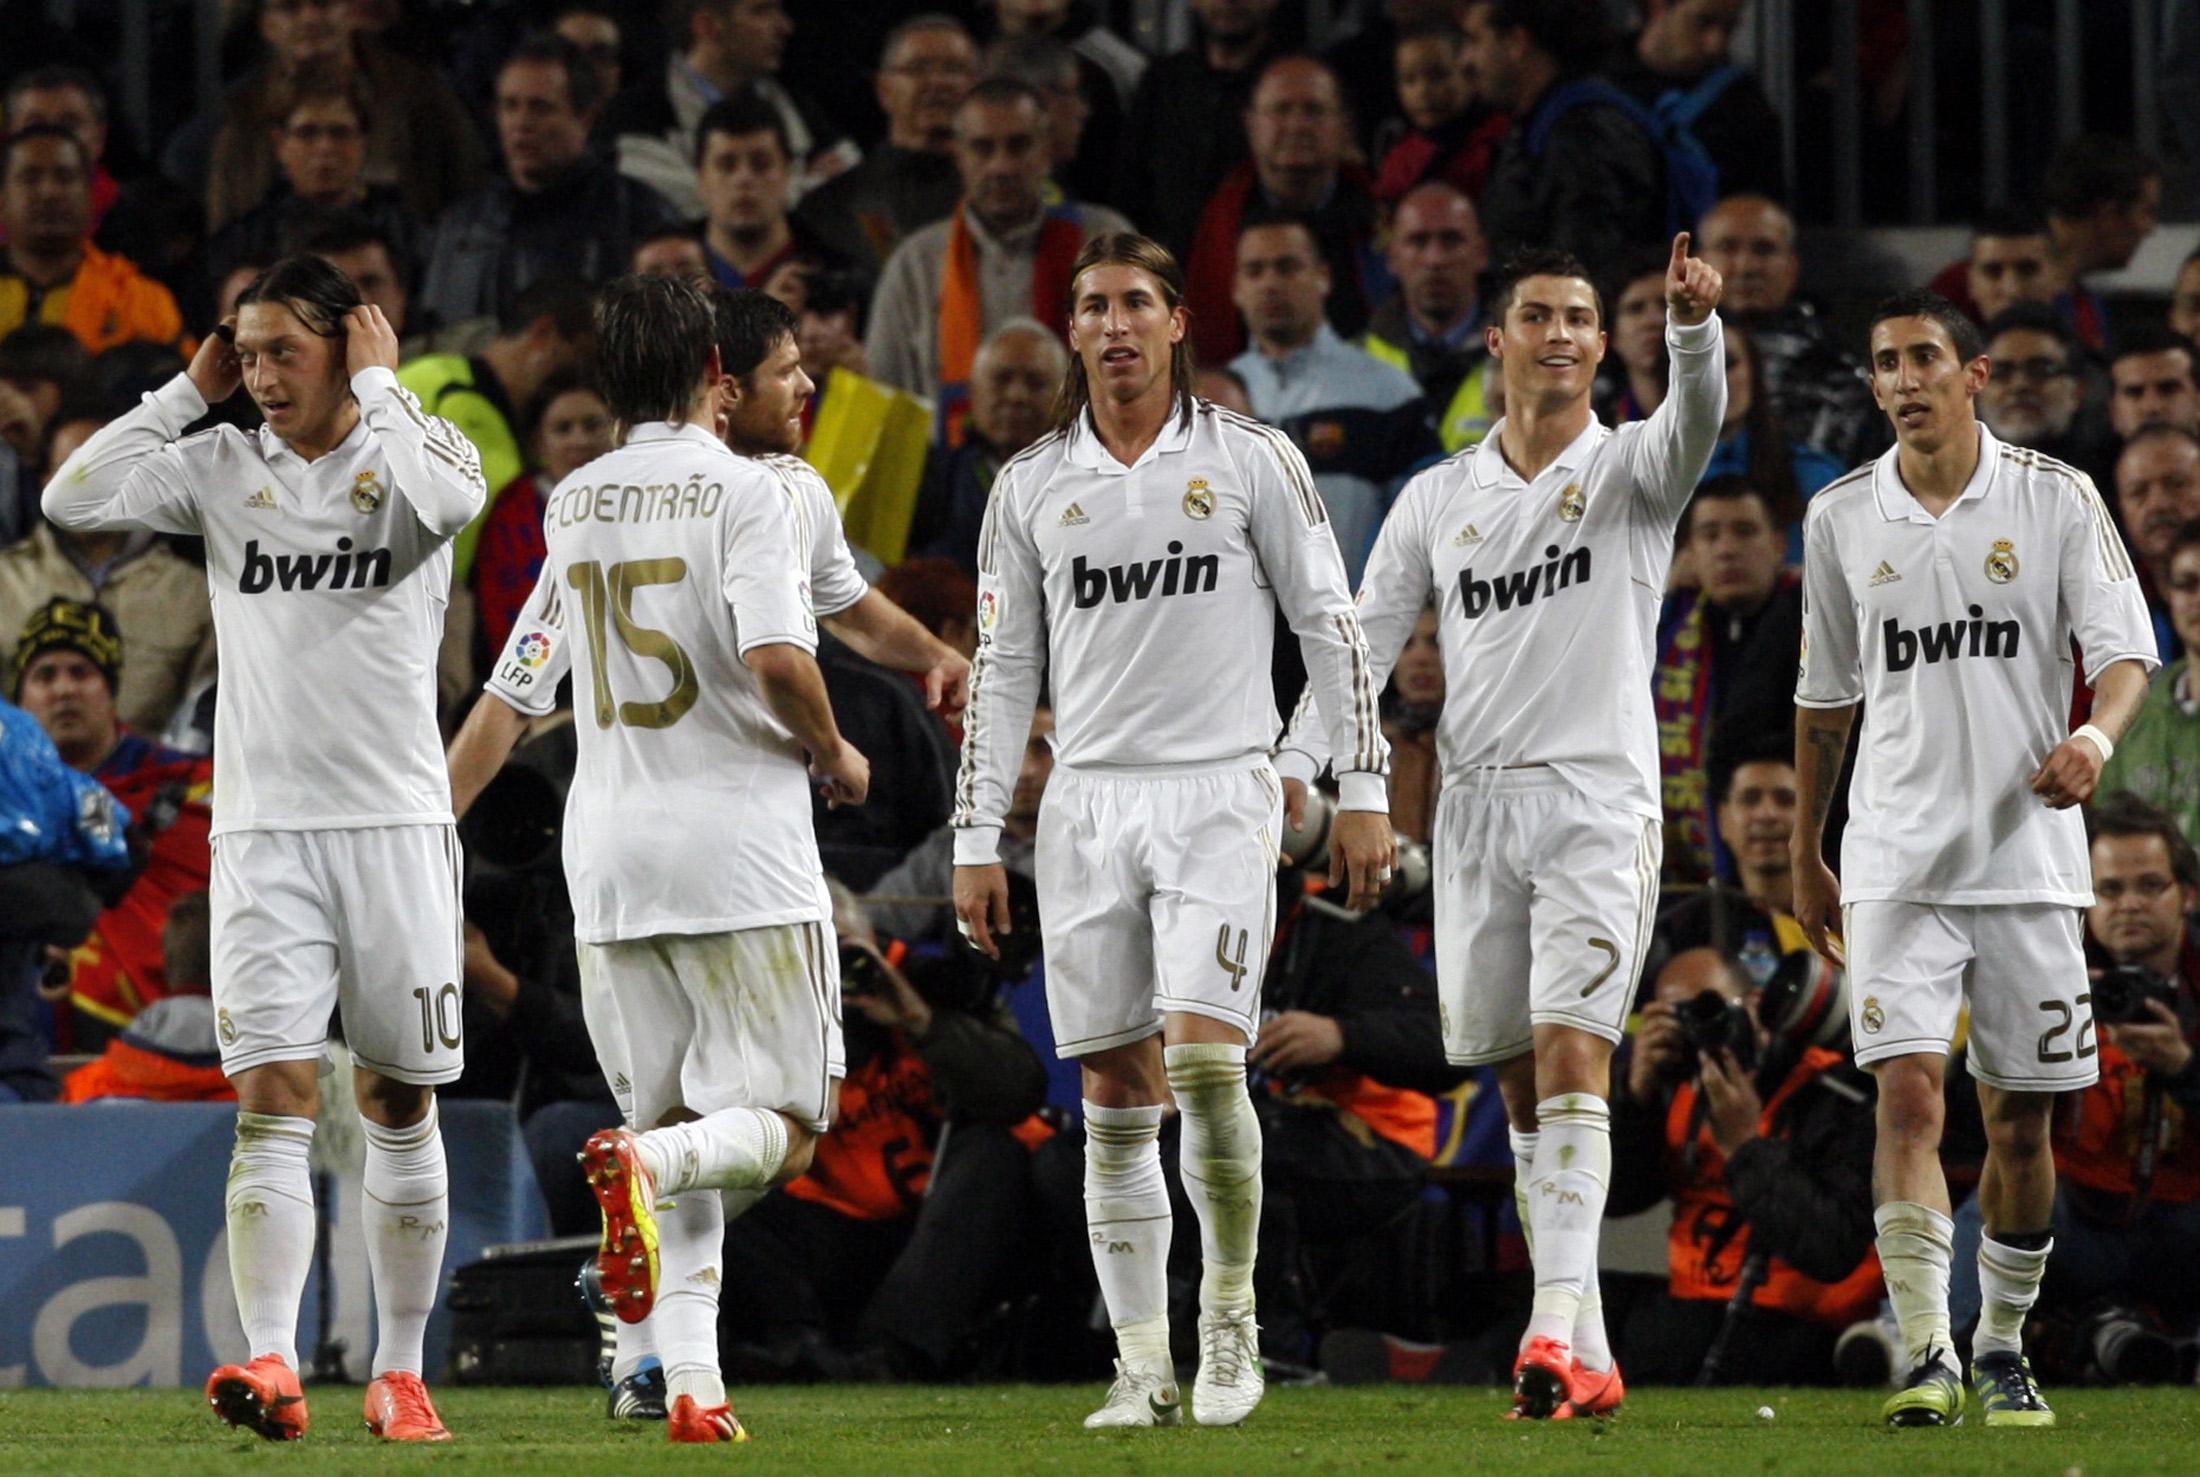 Cristiano Ronaldo celebrates during Real Madrid's last Liga win in Barcelona in April 2012.